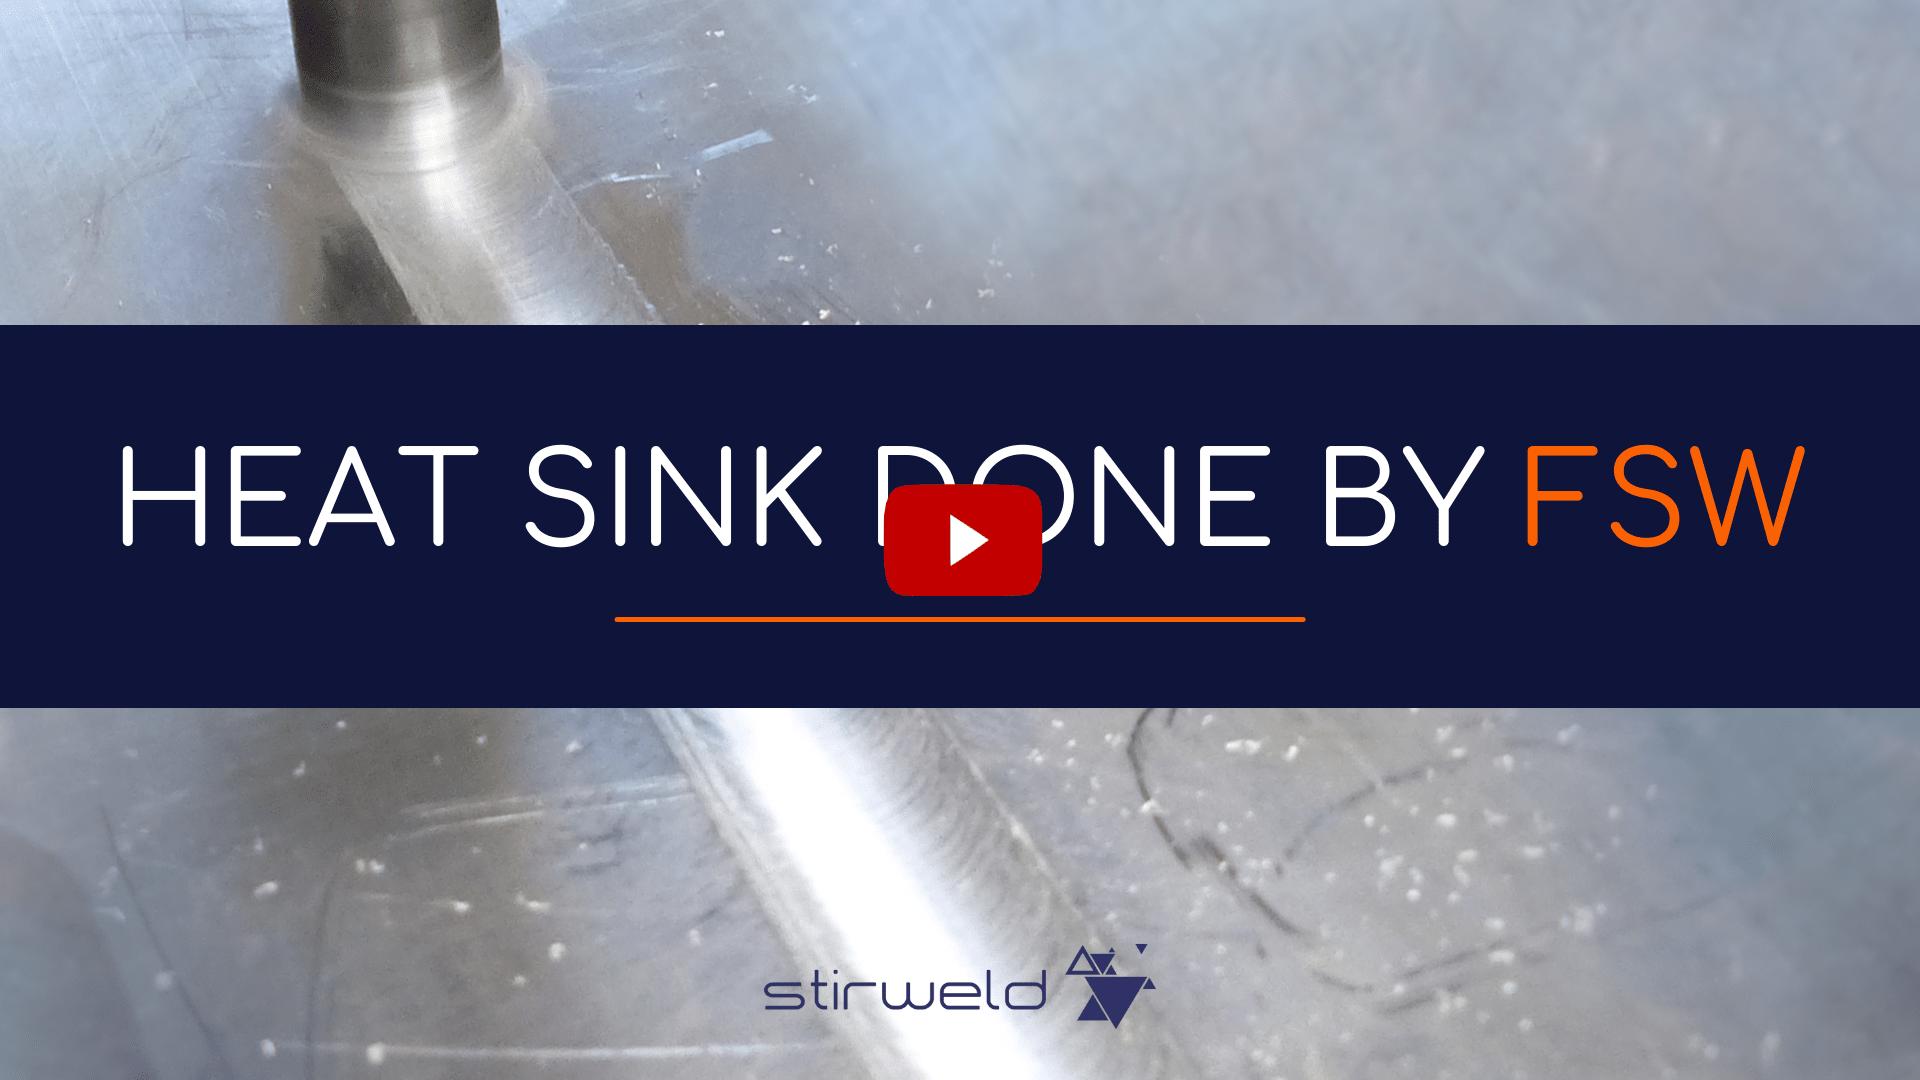 Heat sink welded by friction stir welding